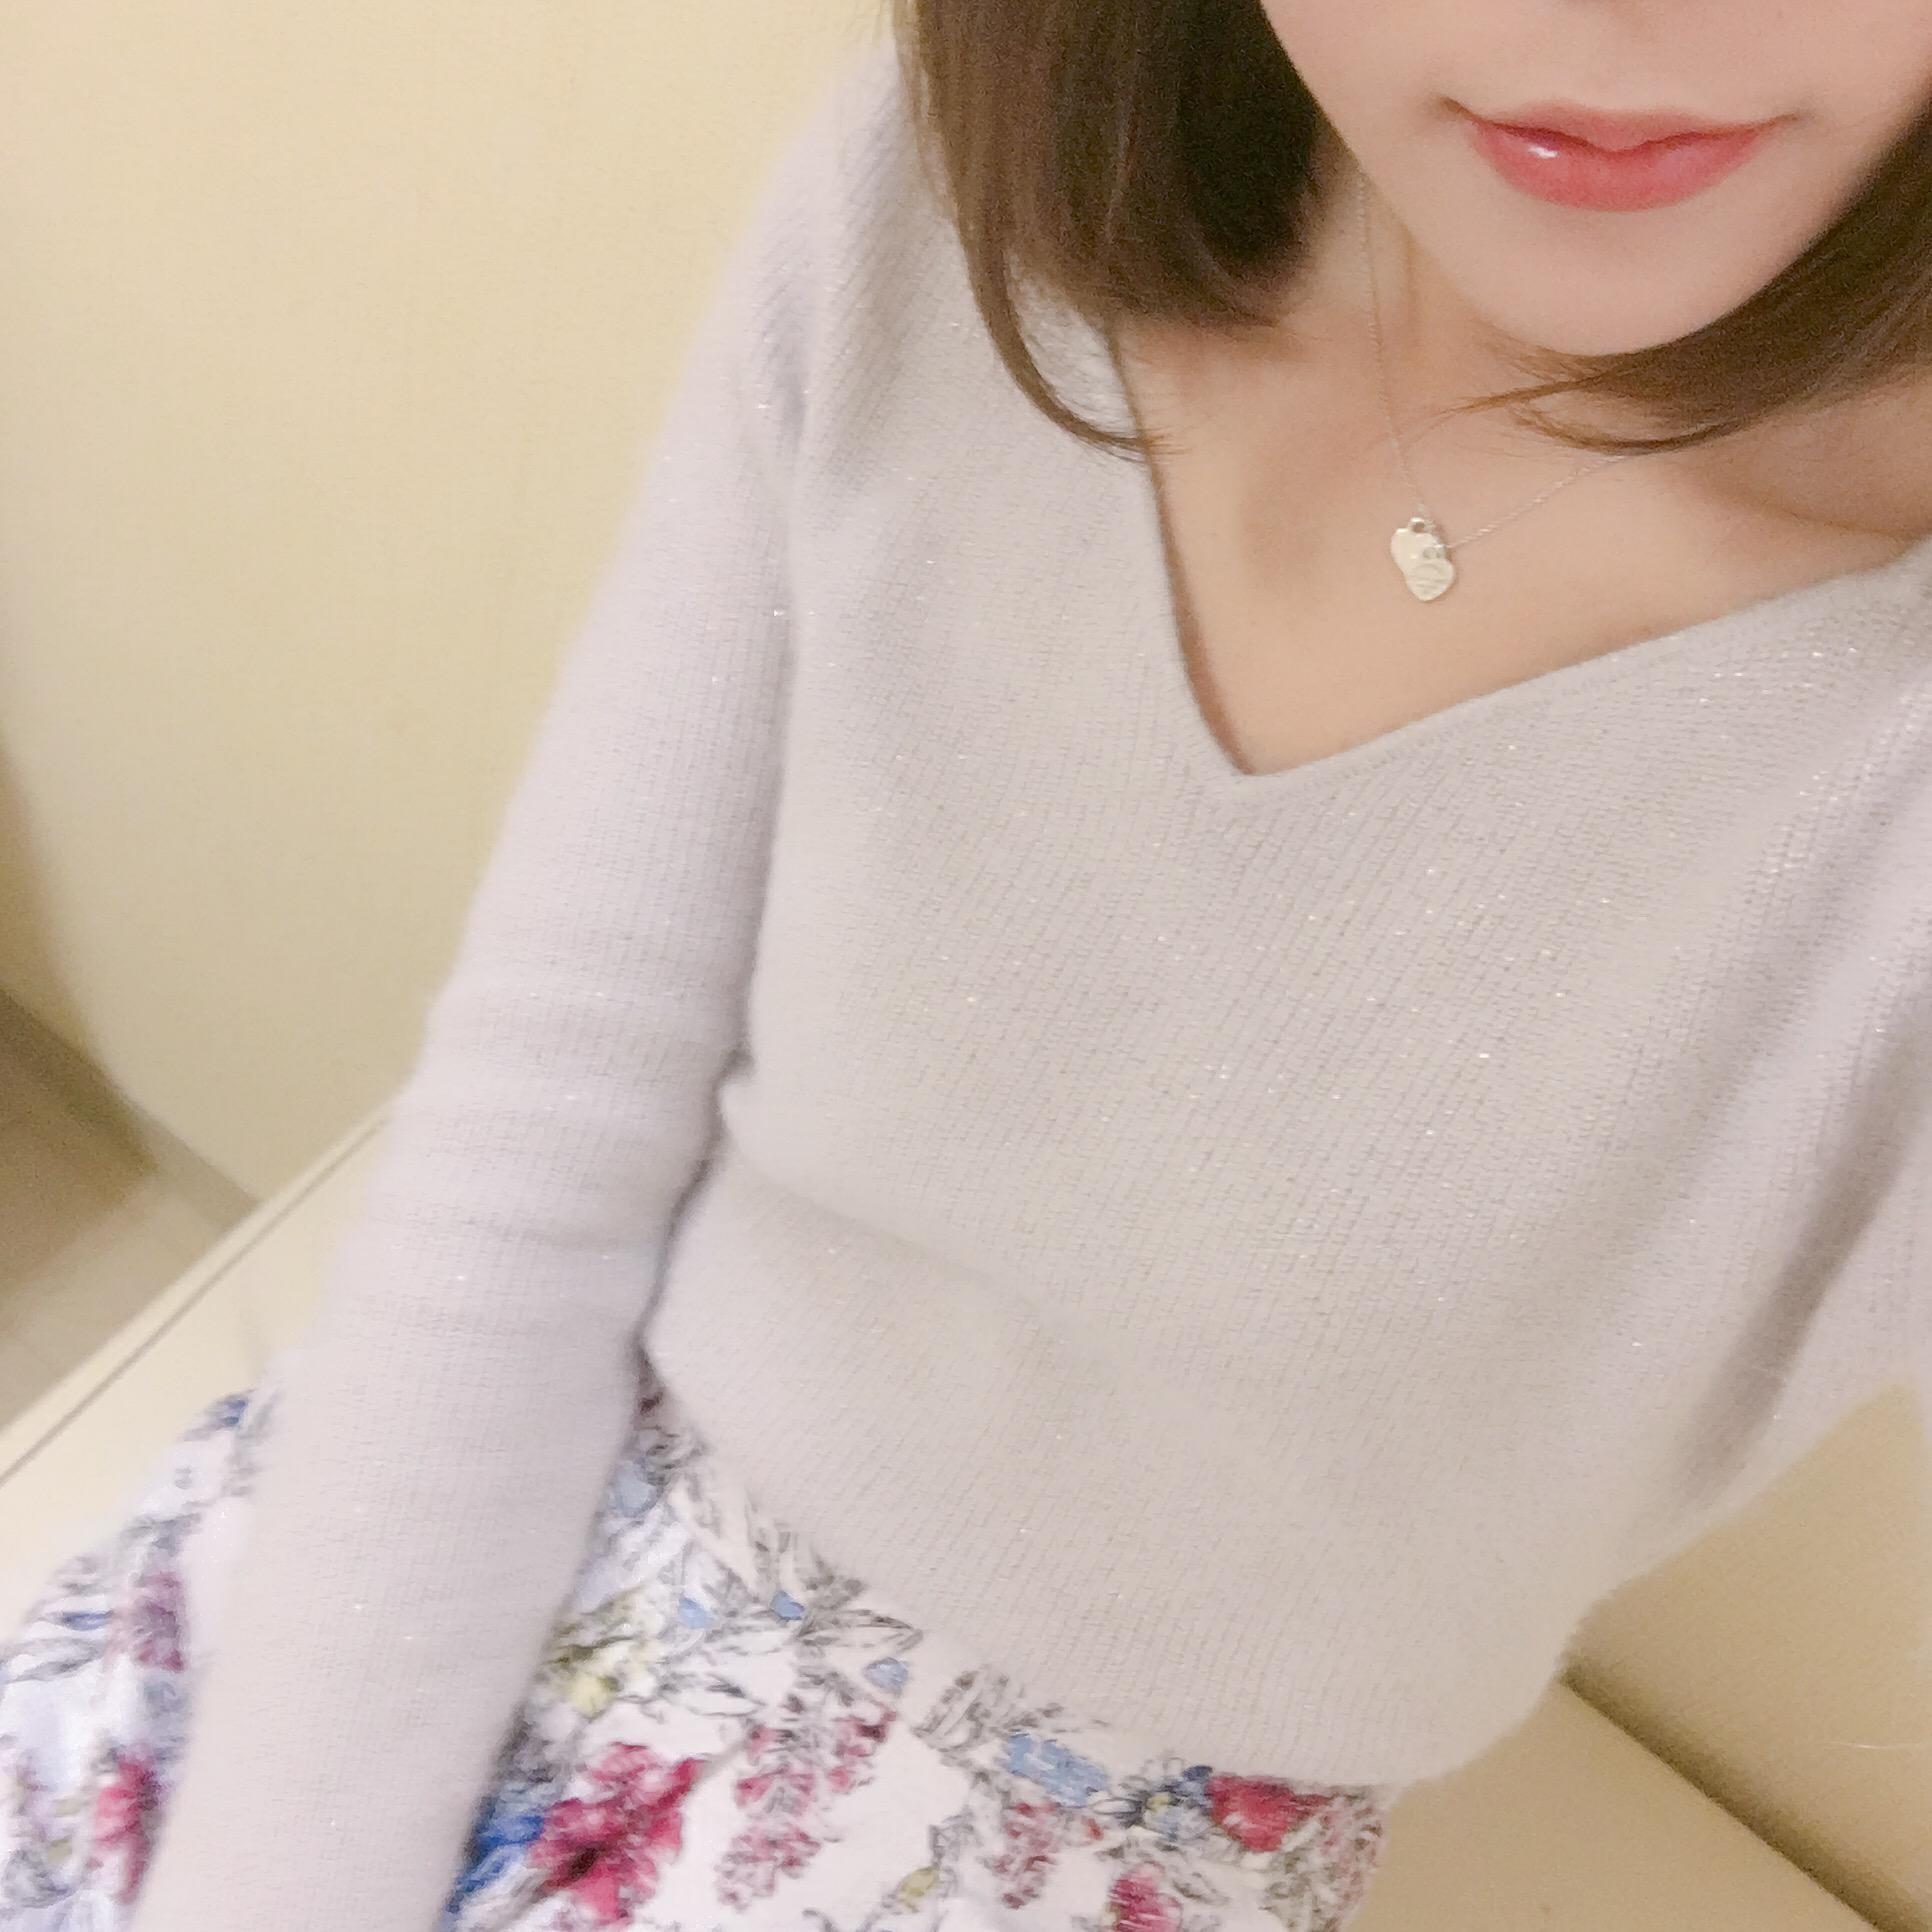 「りほです☆彡」10/20(10/20) 18:46 | りほの写メ・風俗動画